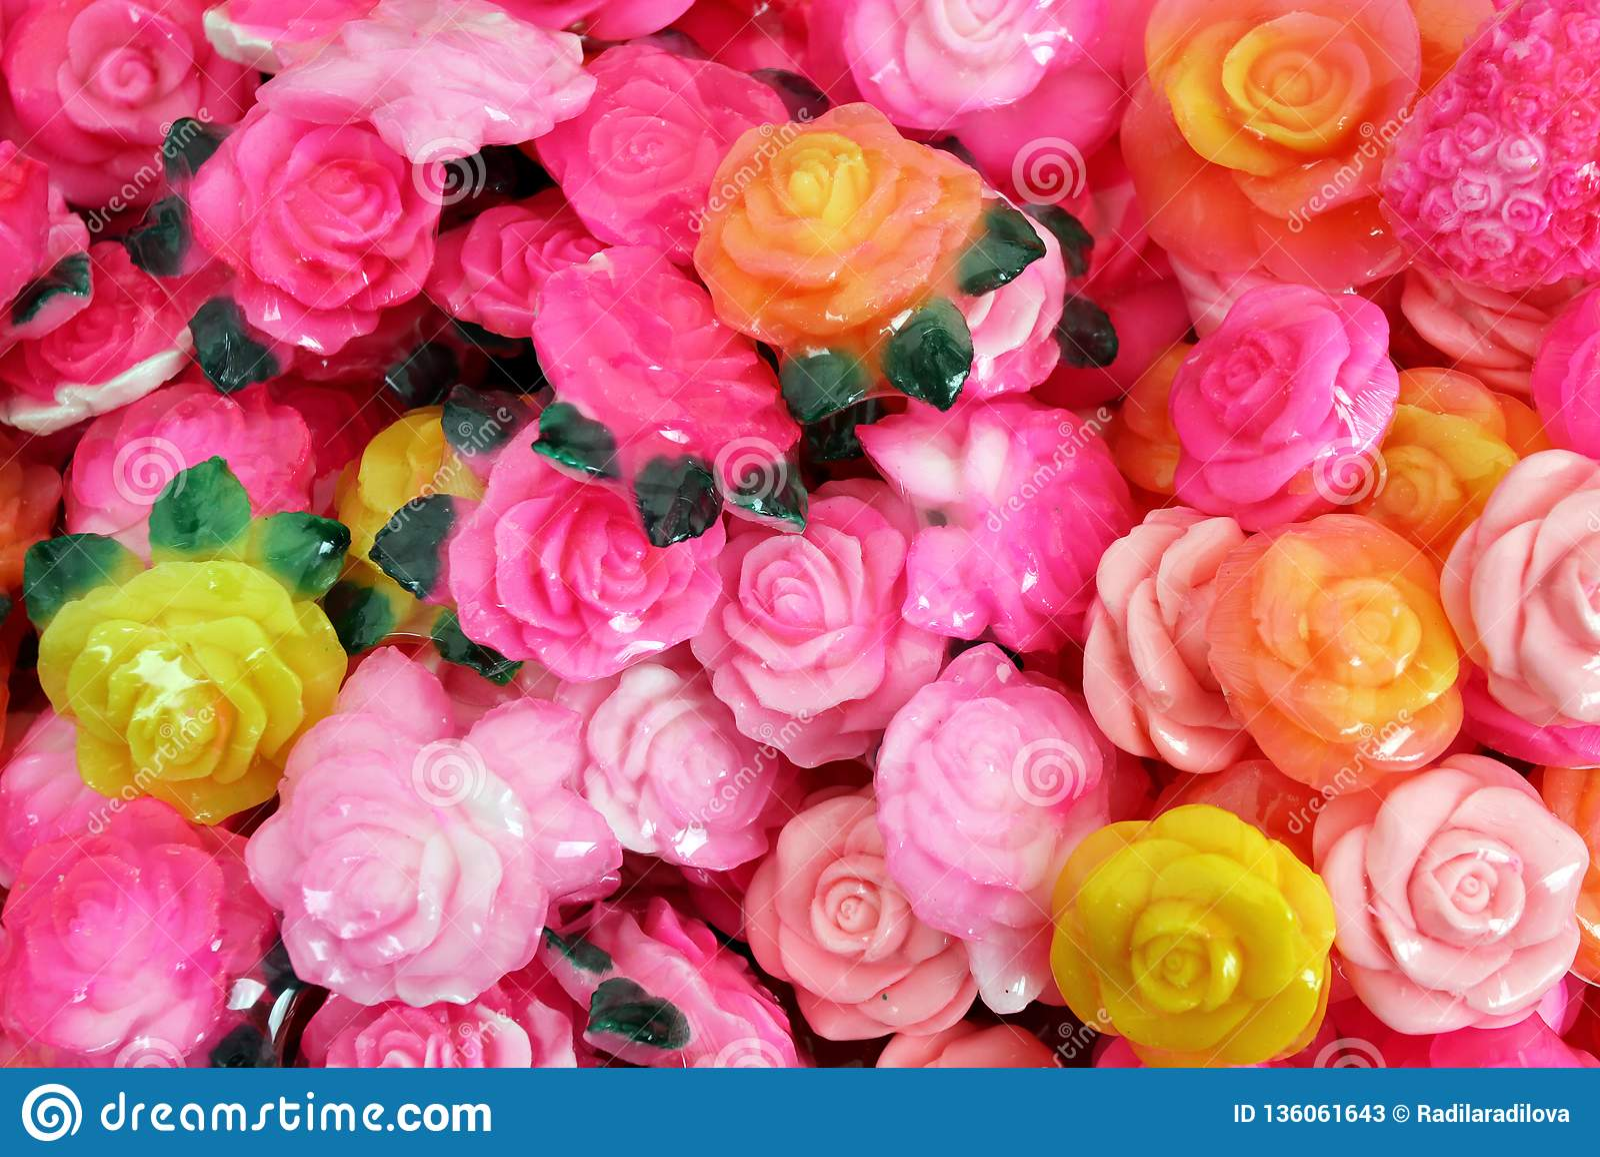 Seife in Form einer Rose mit dem traditionellen bulgarischen rosafarbenen Öl Bulgarische Hintergrundbeschaffenheit des rosafarben